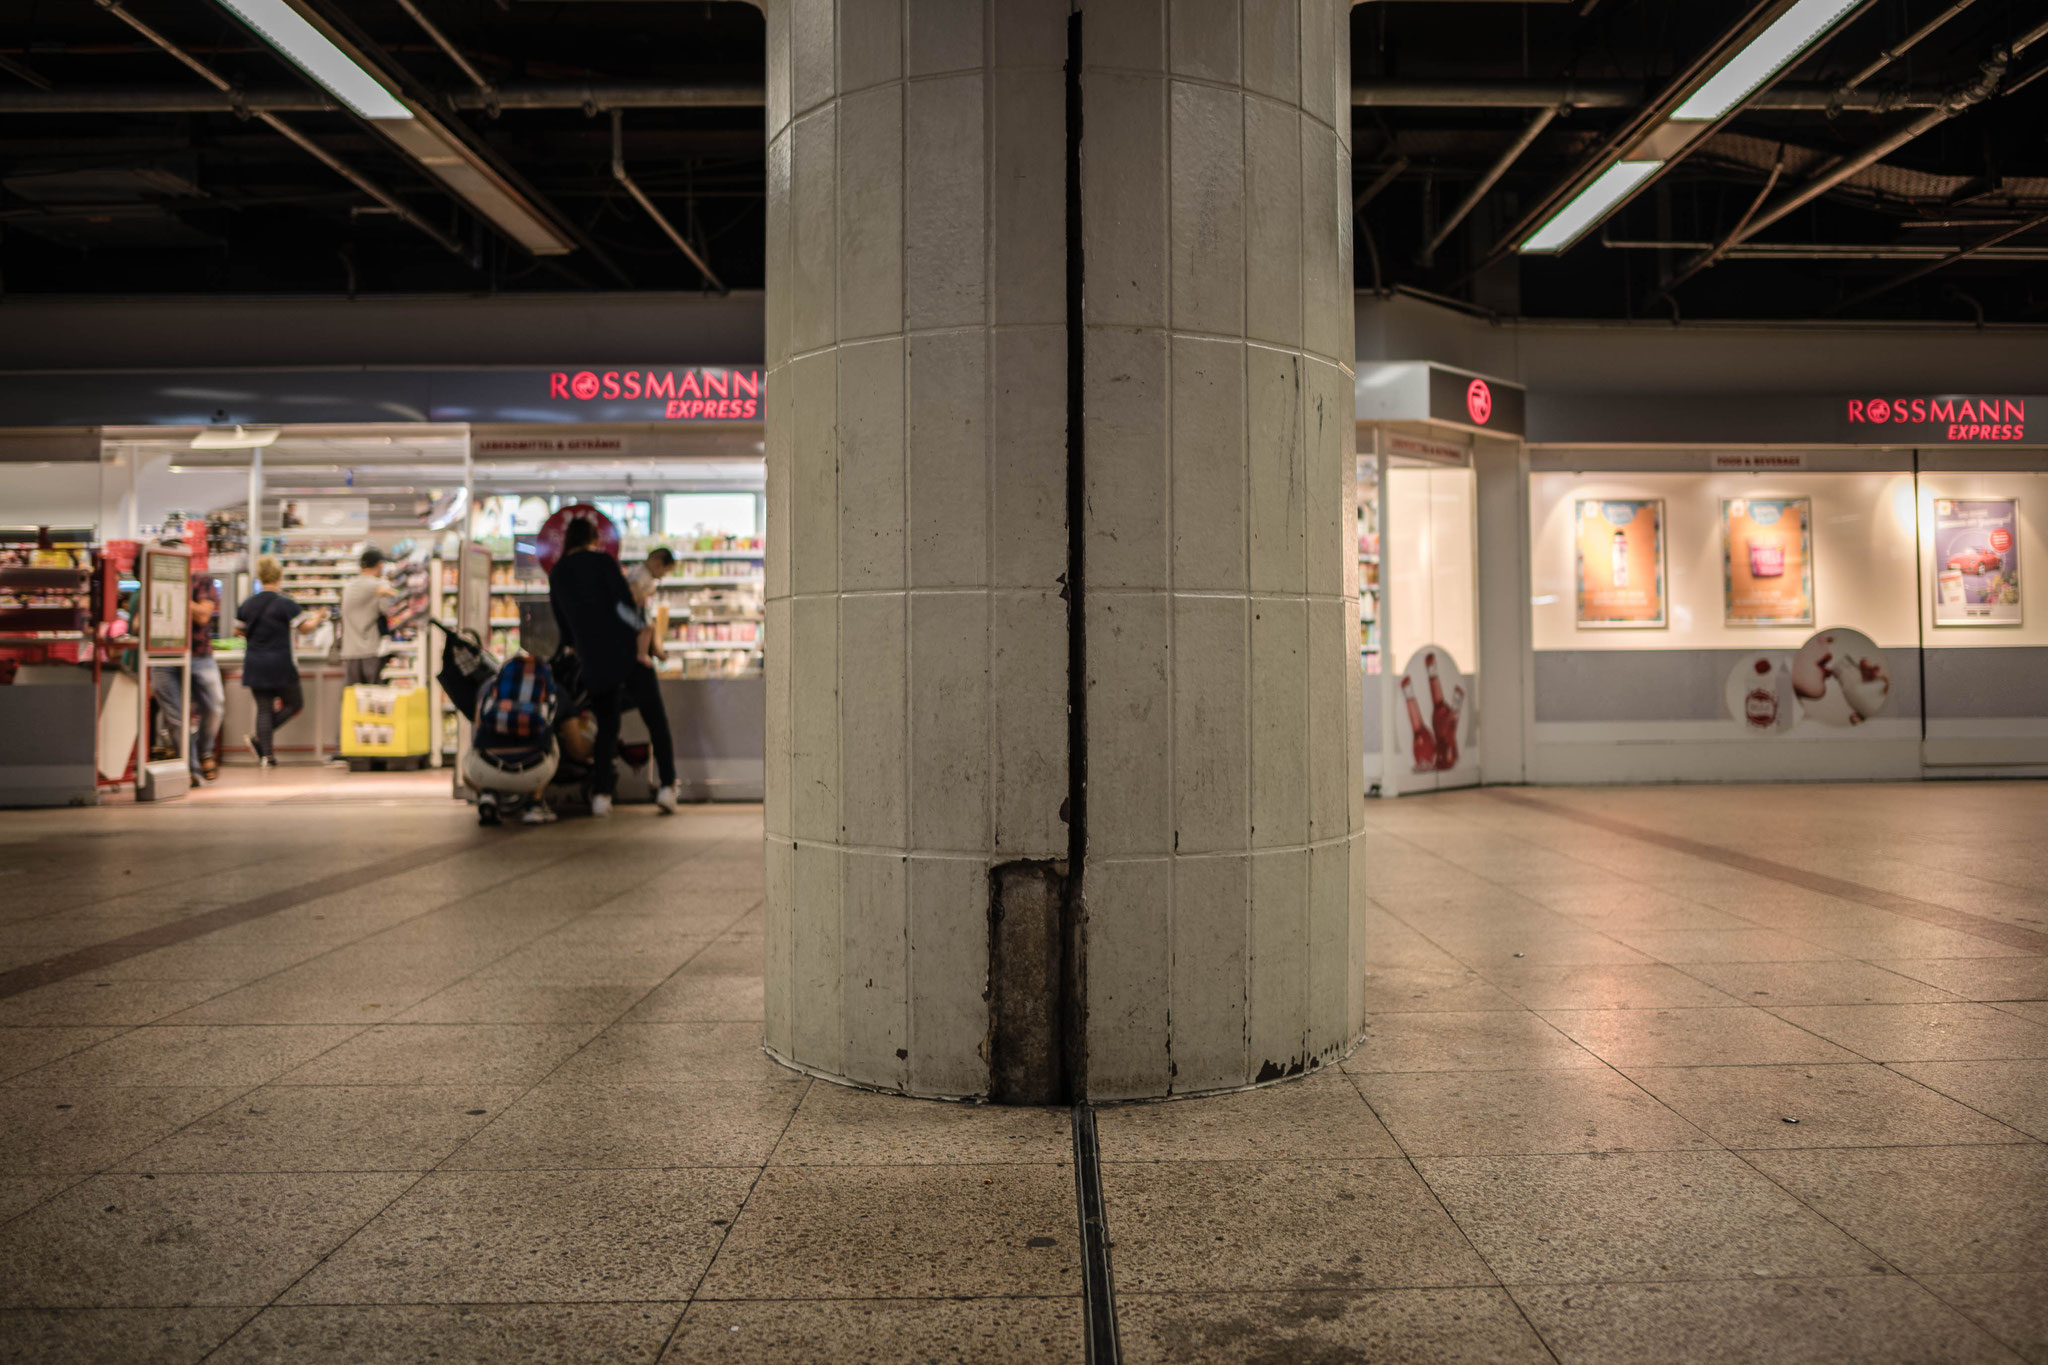 Manchmal hat man das Gefühl, dass Frankfurter Hauptbahnhof auf seinen Zerfall wartet